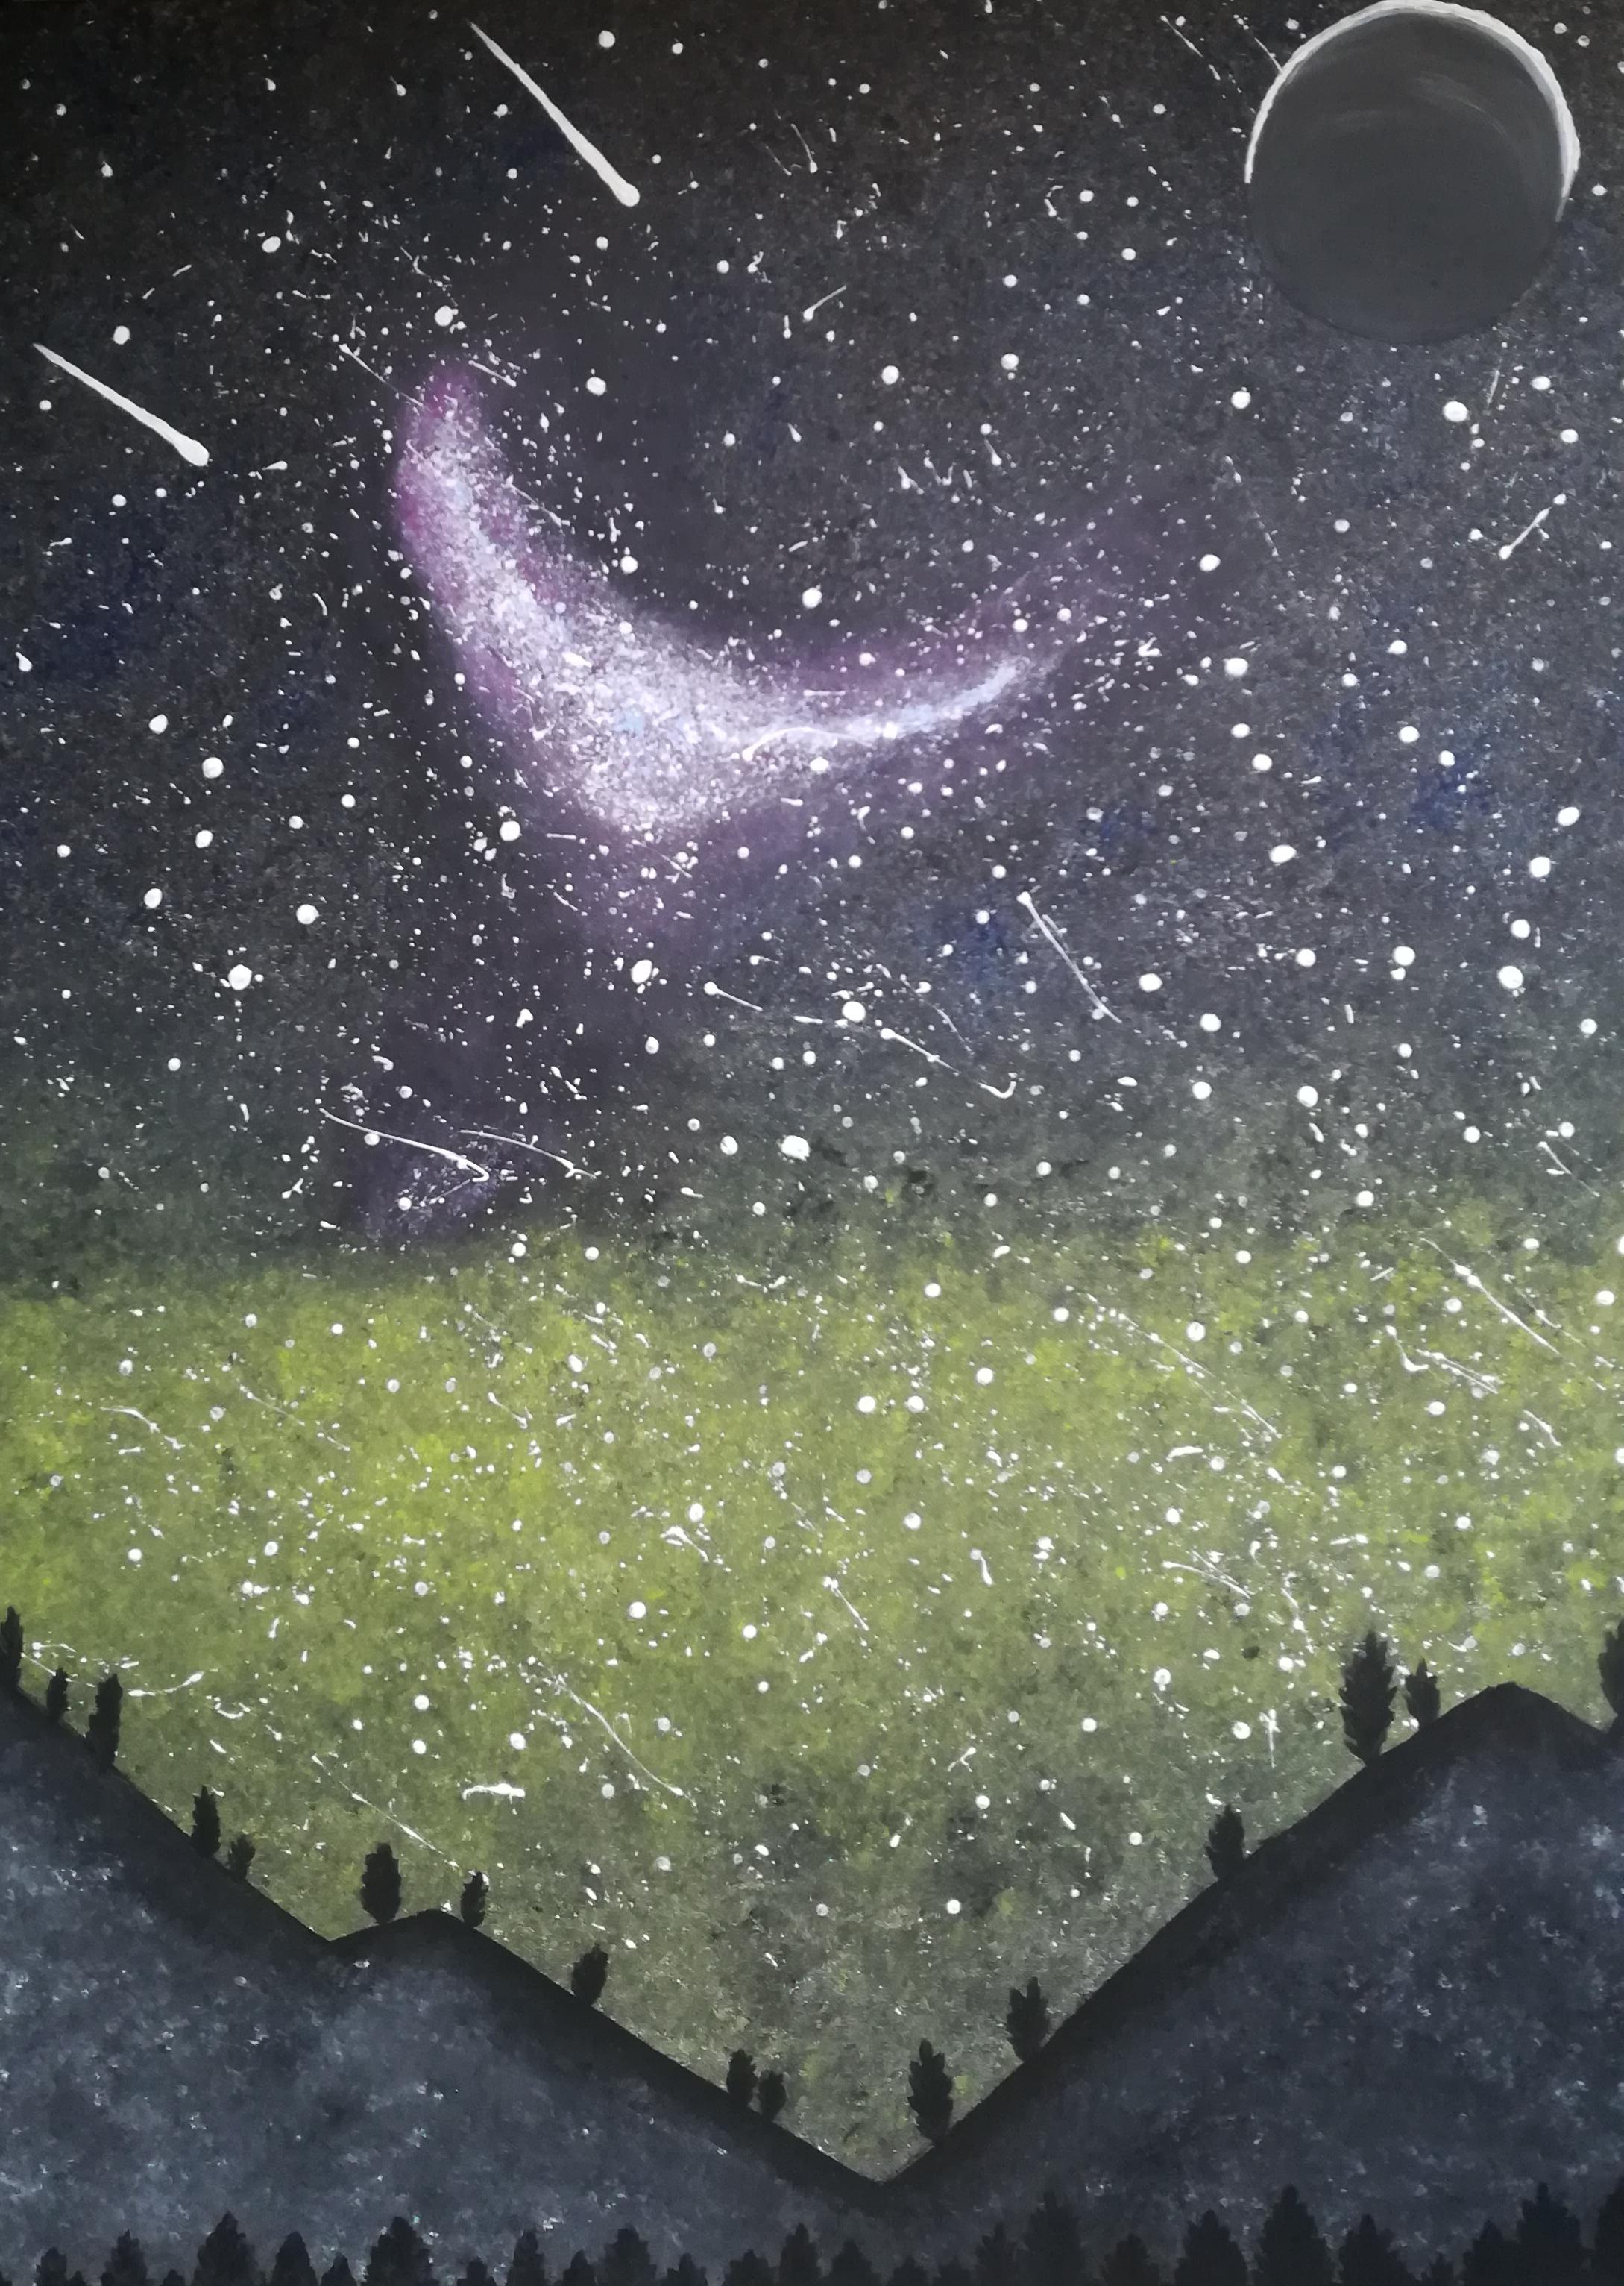 Galaxie mit LED Kette, Sternenbilder und Nachtleuchtpaste 60 cm x 80 cm  Preis 150 Euro